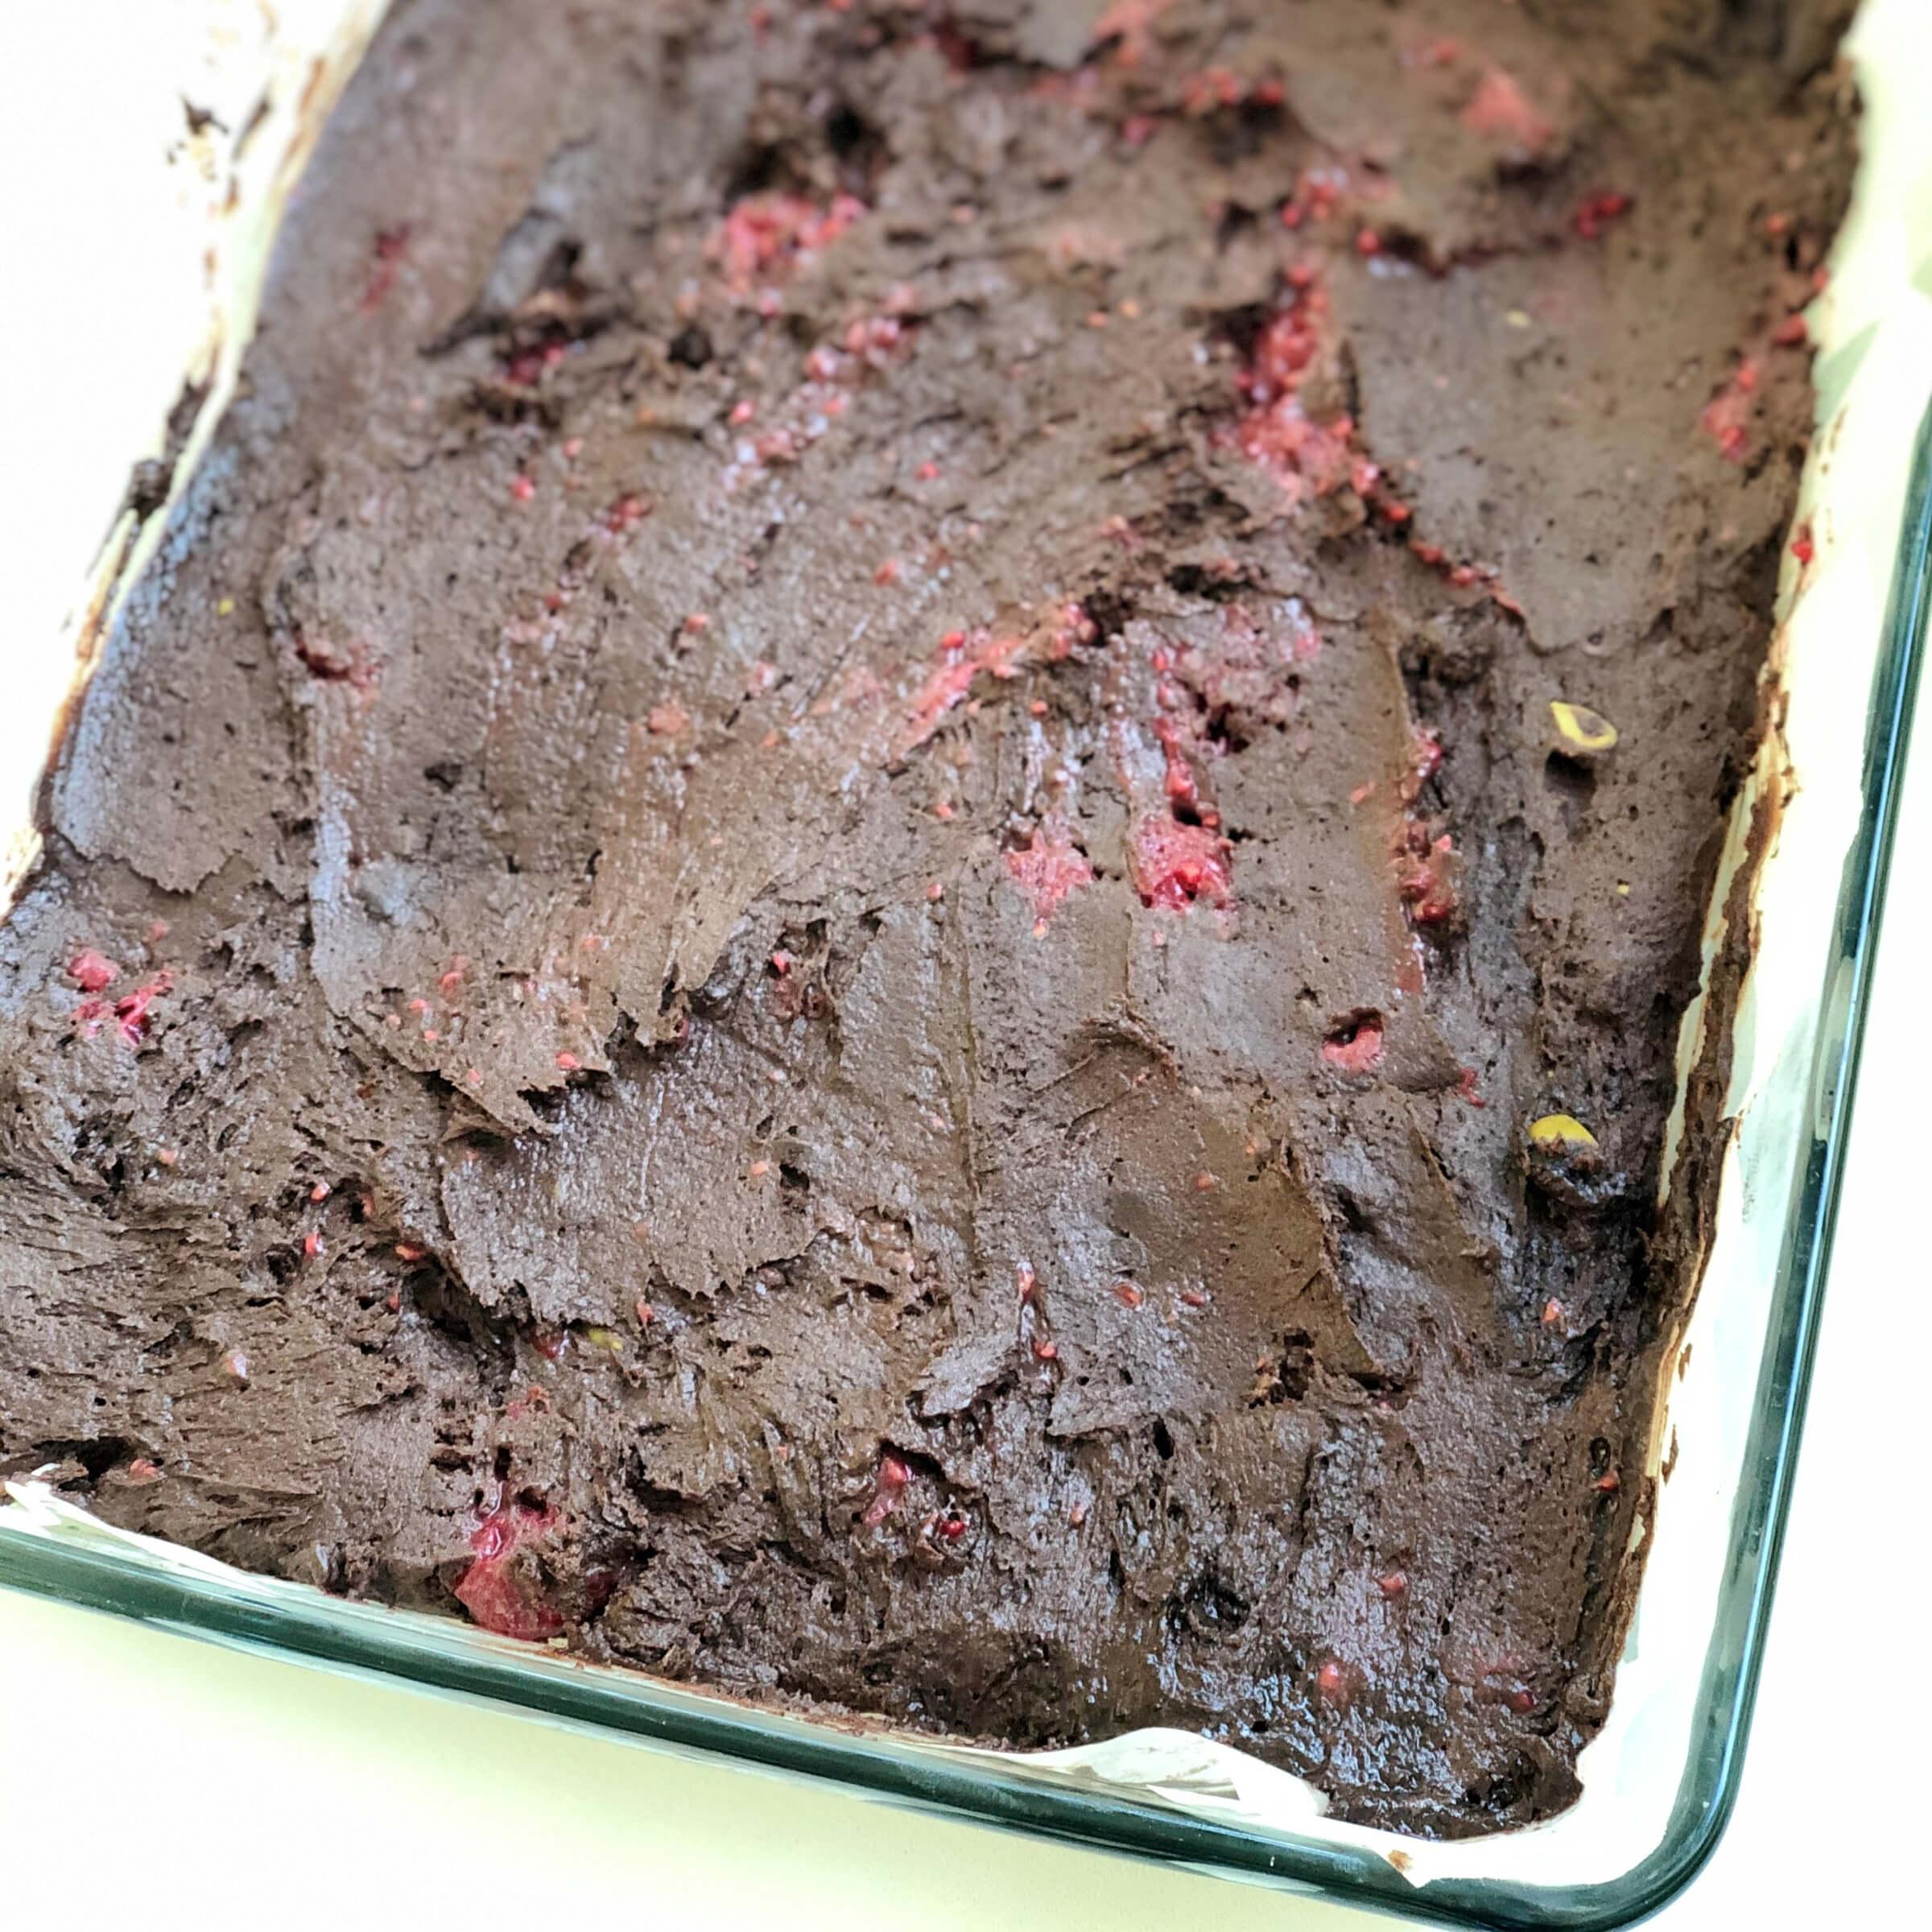 Brownies smalinami apistáciemi